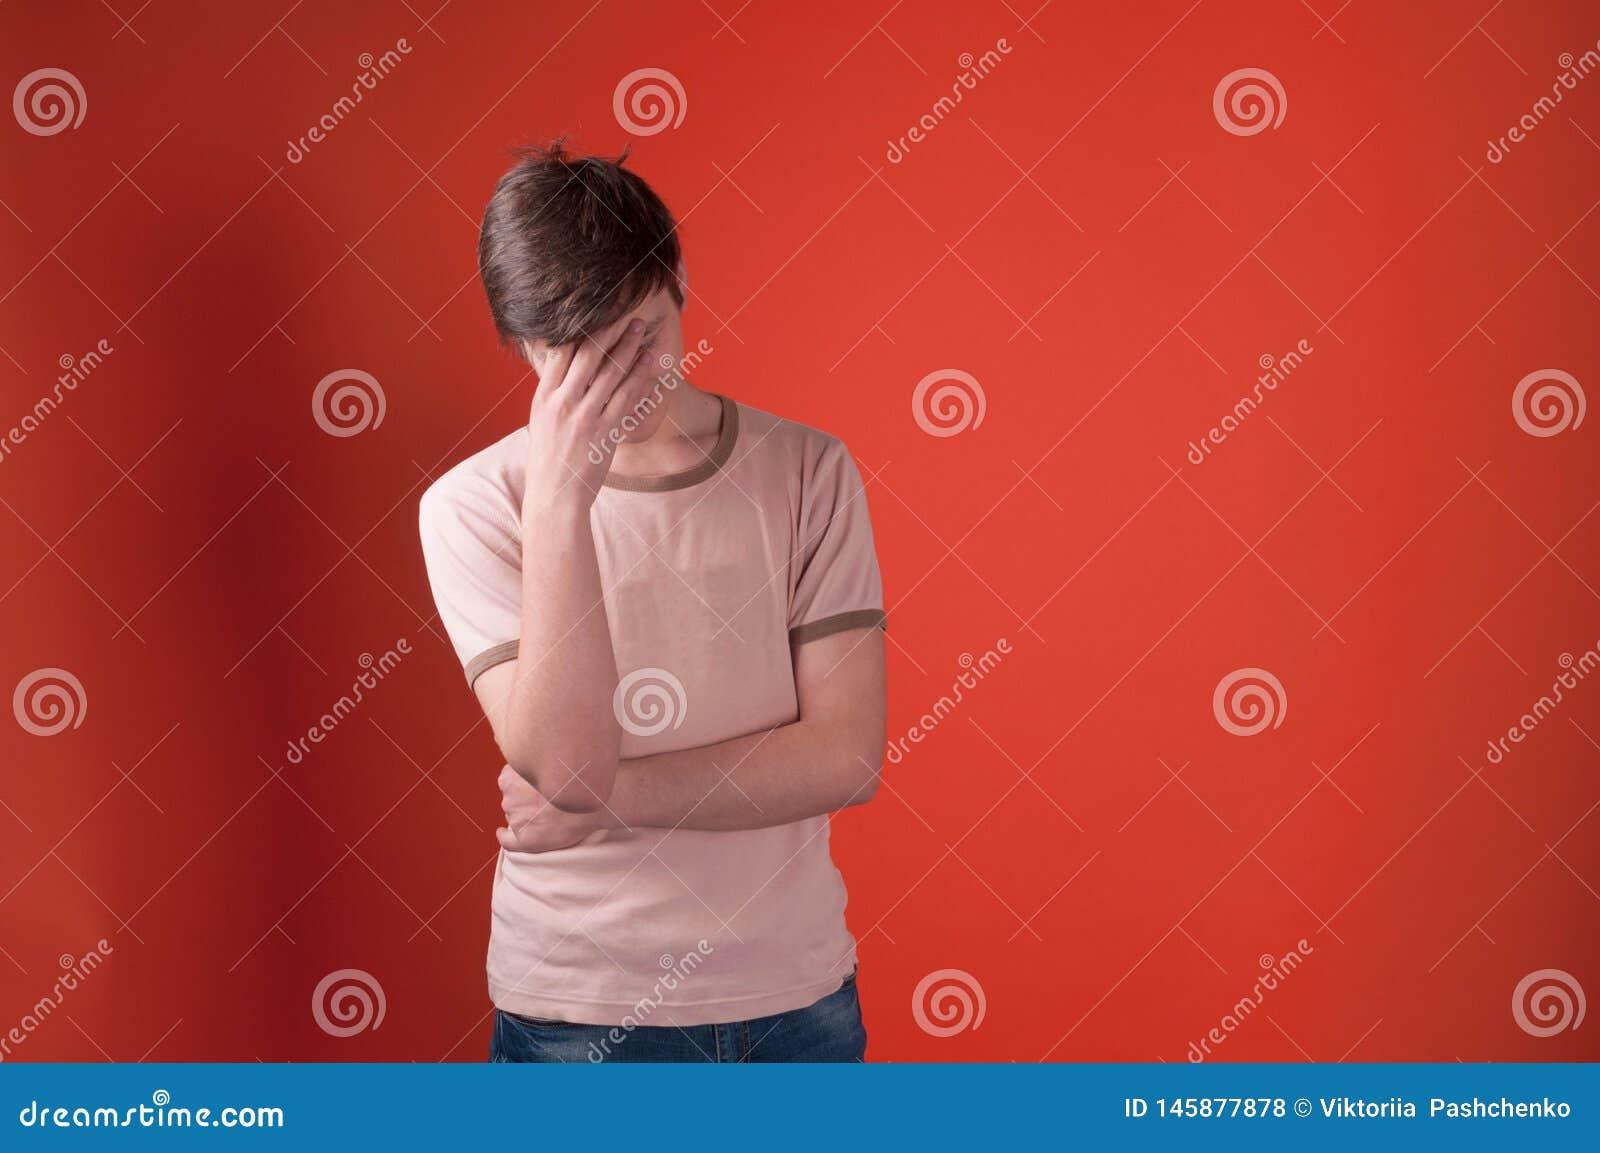 Dolor de cabeza triste de la sensación del hombre joven en la situación beige de la camiseta con la mano en la frente